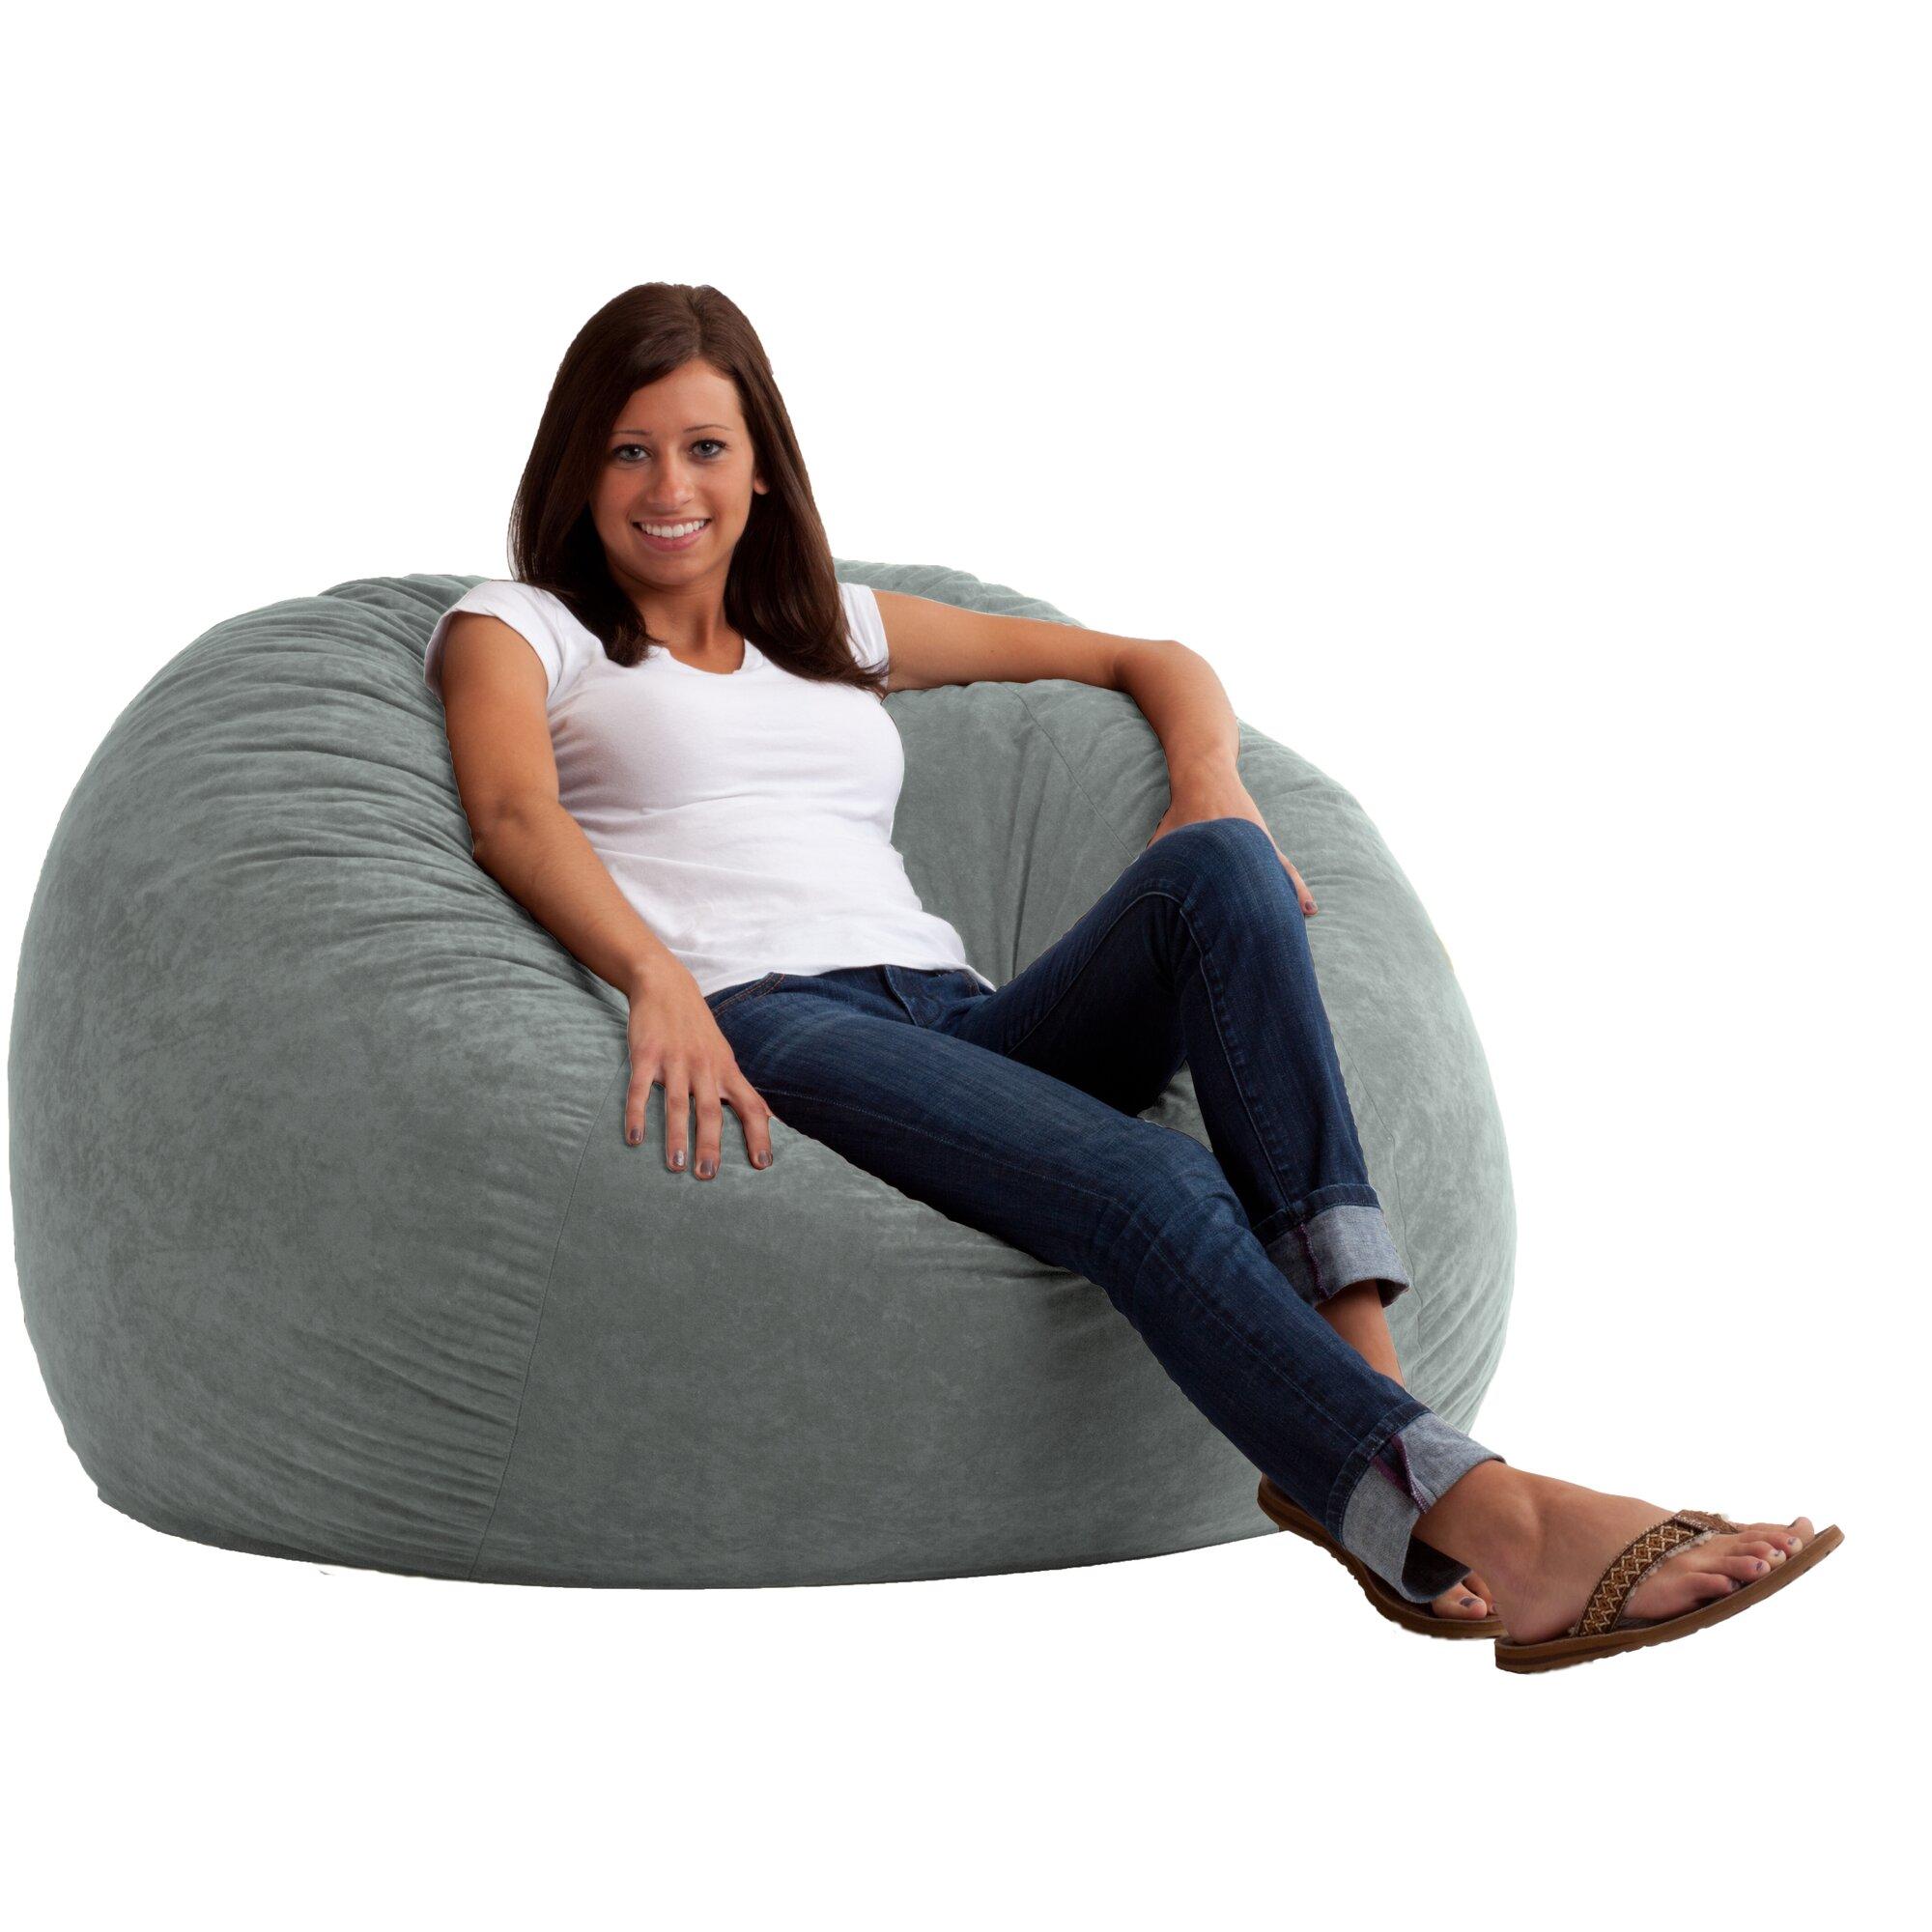 Comfort Research Fuf Bean Bag Chair Amp Reviews Wayfair Ca